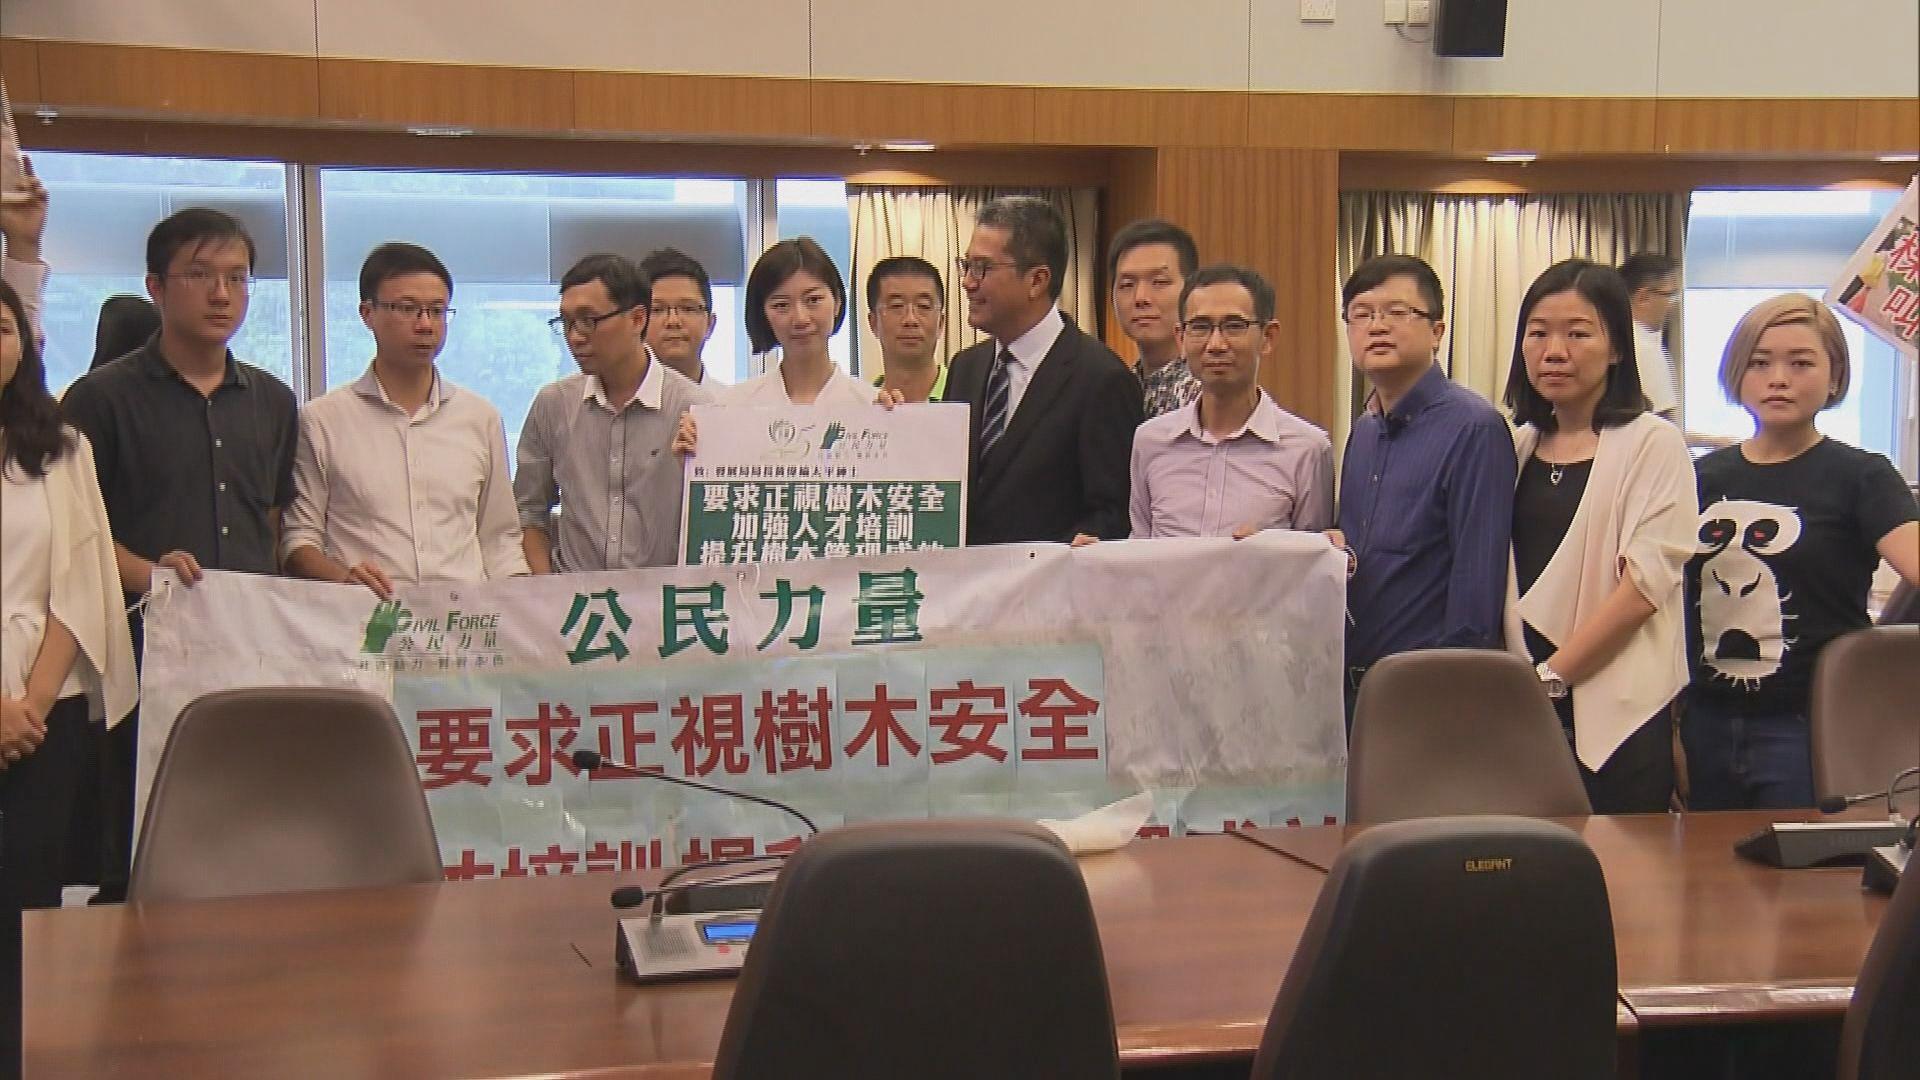 團體請願促發展局增管理樹木人手